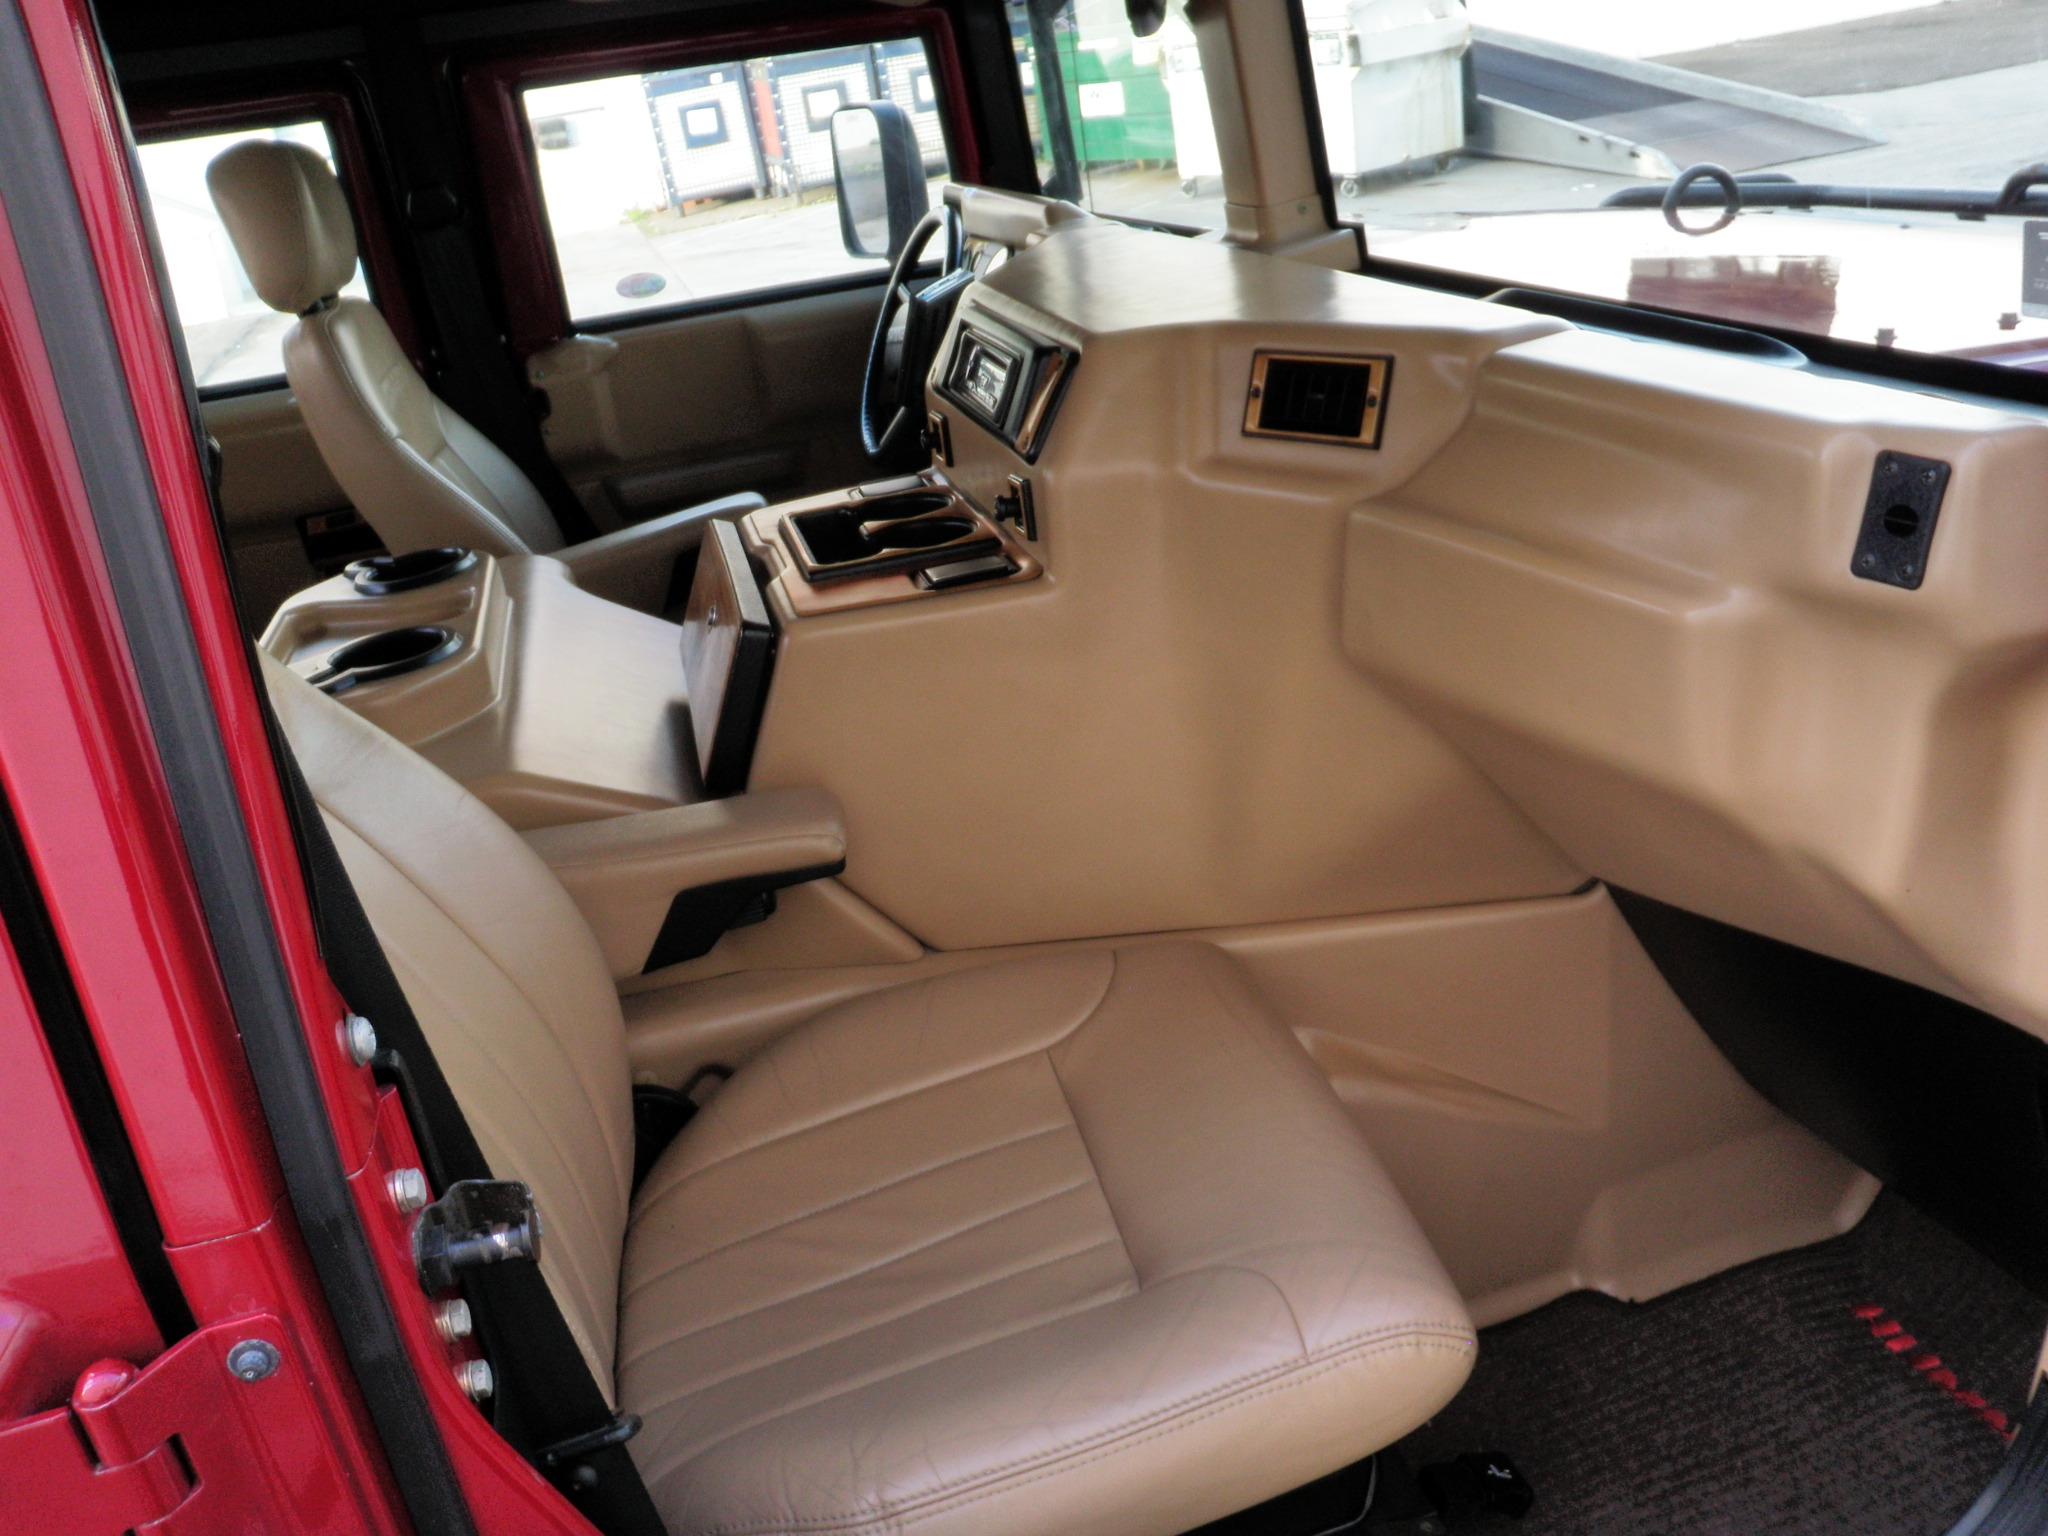 2000 Hummer H1 Fully Loaded 20k Miles Sold